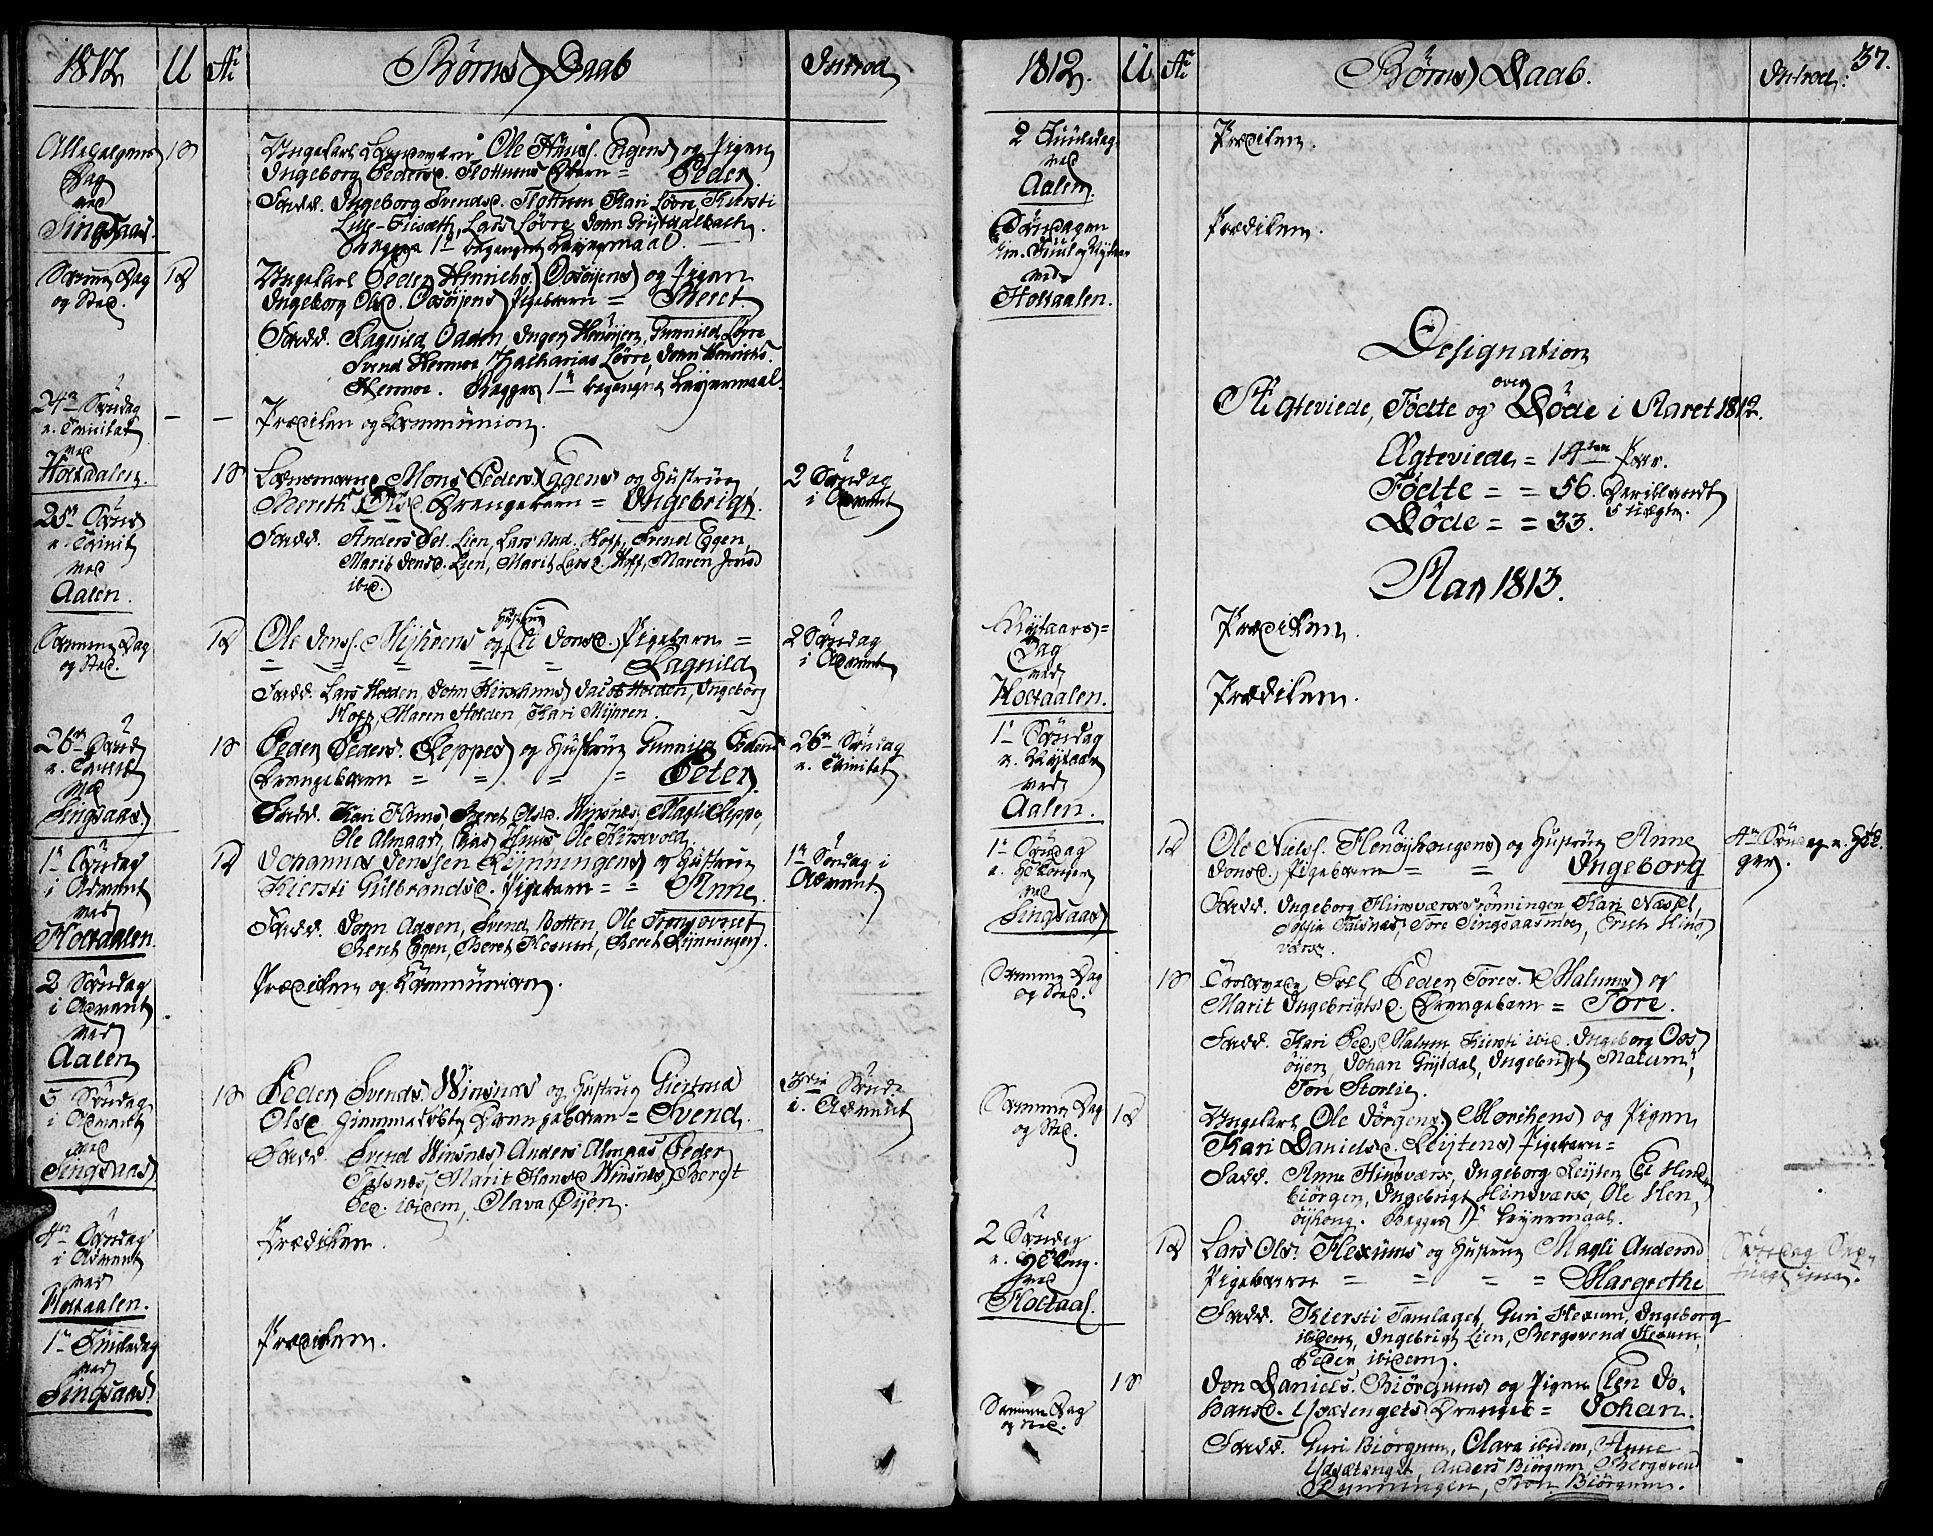 SAT, Ministerialprotokoller, klokkerbøker og fødselsregistre - Sør-Trøndelag, 685/L0953: Ministerialbok nr. 685A02, 1805-1816, s. 37